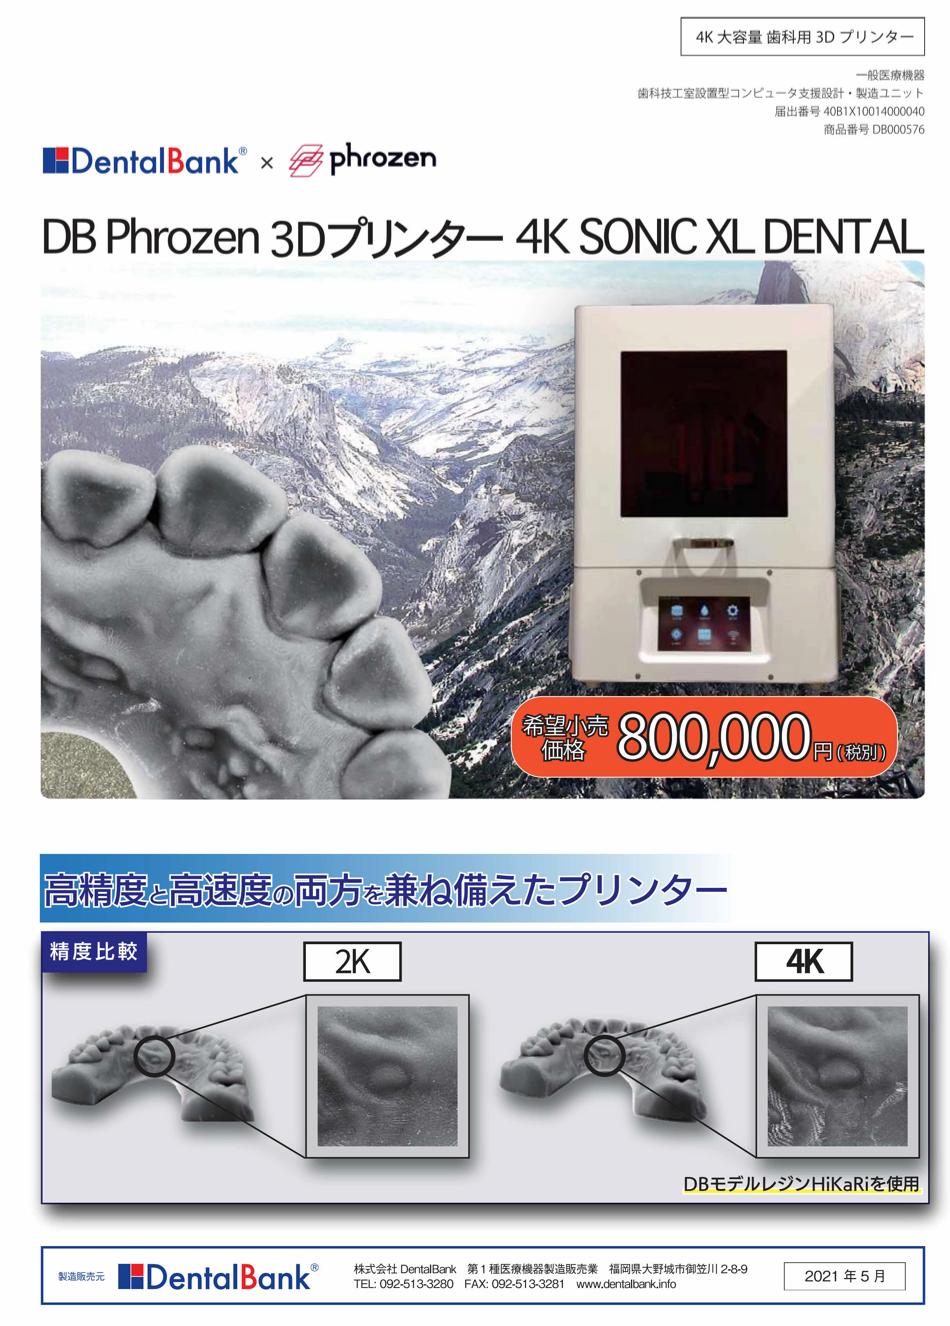 スクリーンショット 2021-09-01 19.01.36